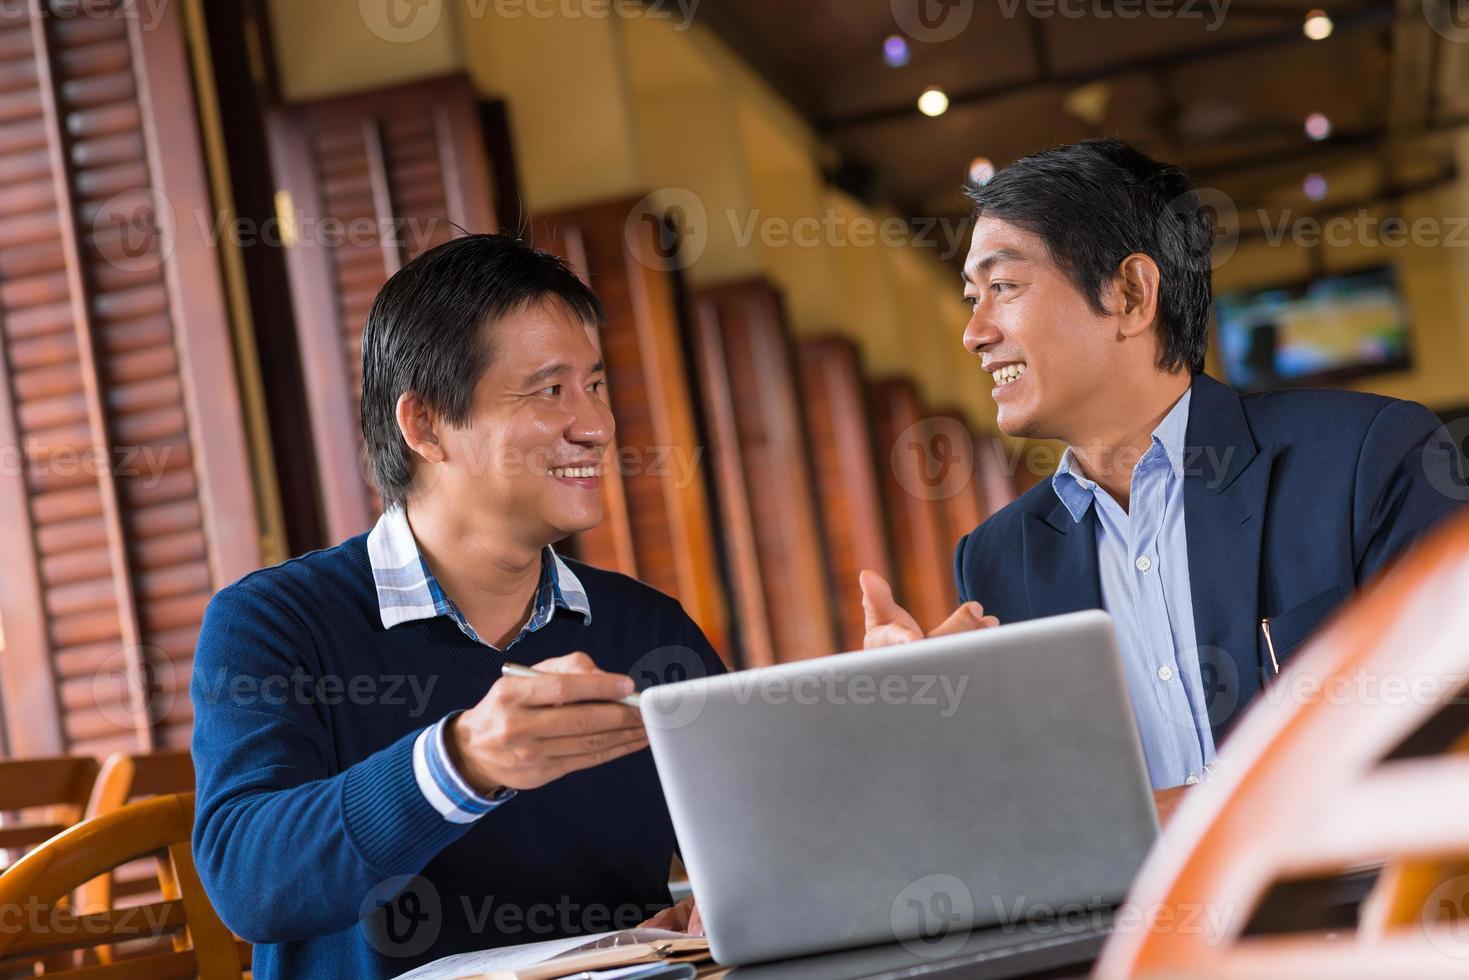 discutir información en la pantalla del portátil foto